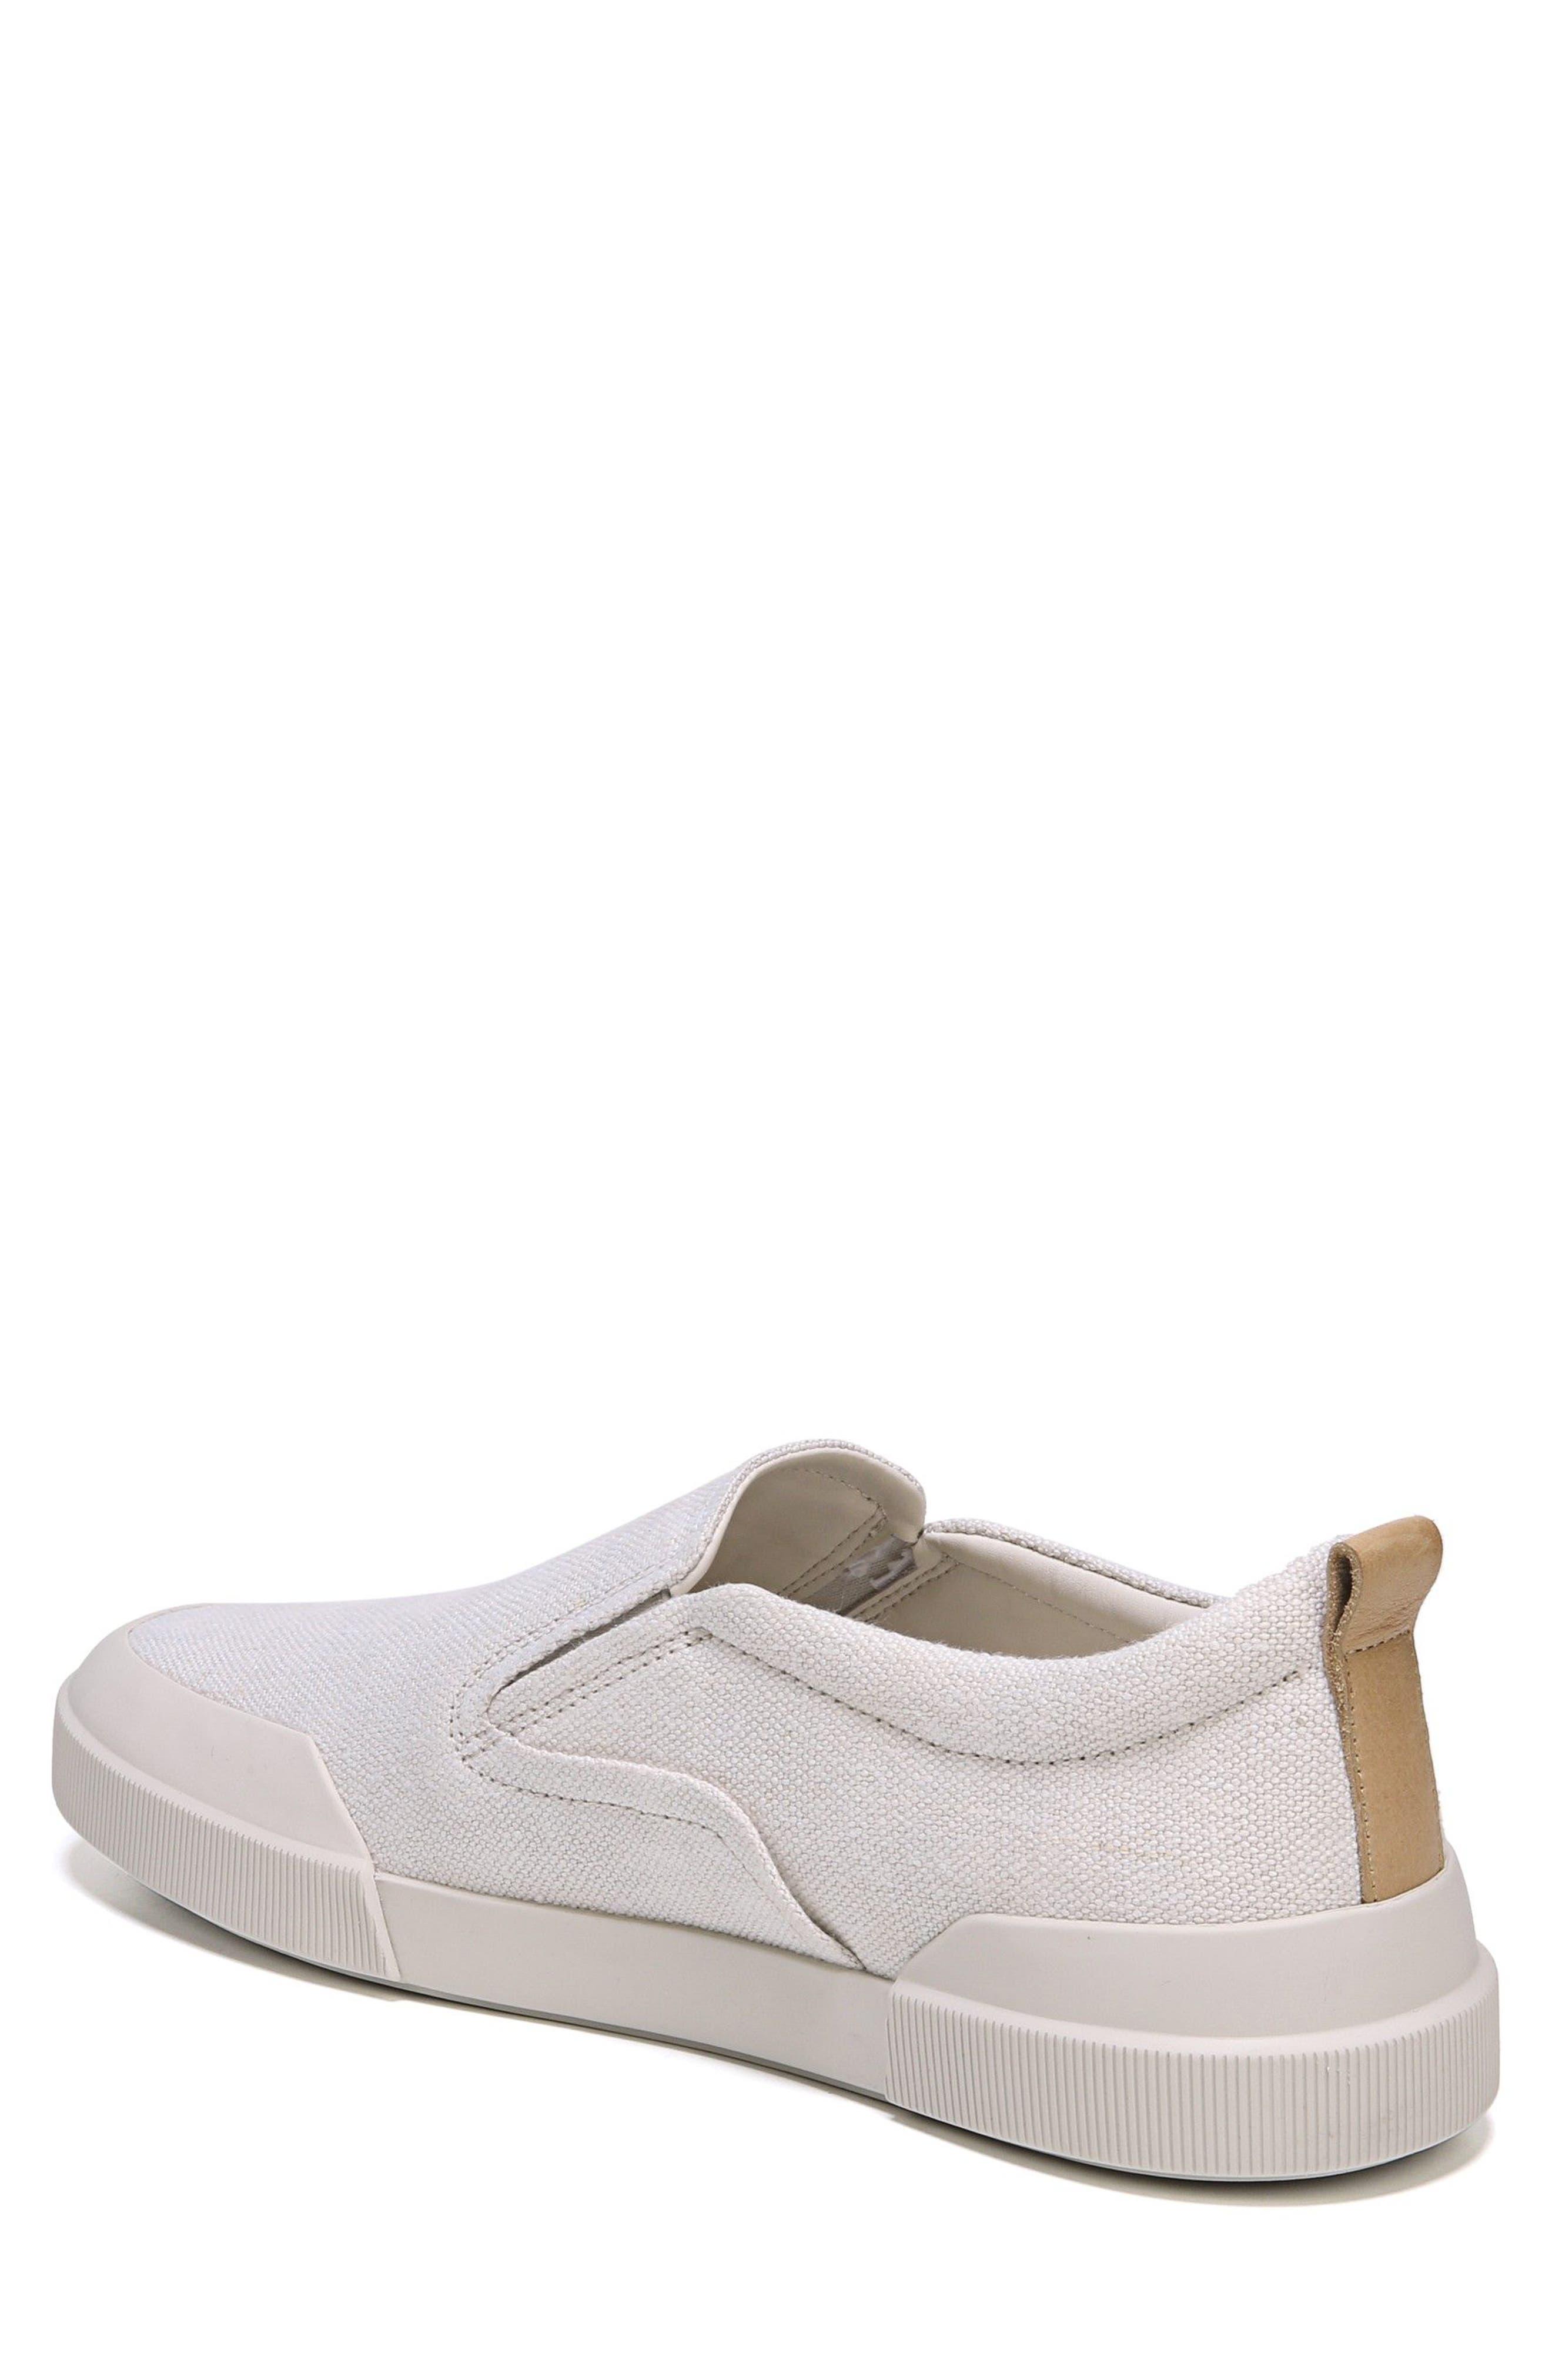 Vernon Slip-On Sneaker,                             Alternate thumbnail 7, color,